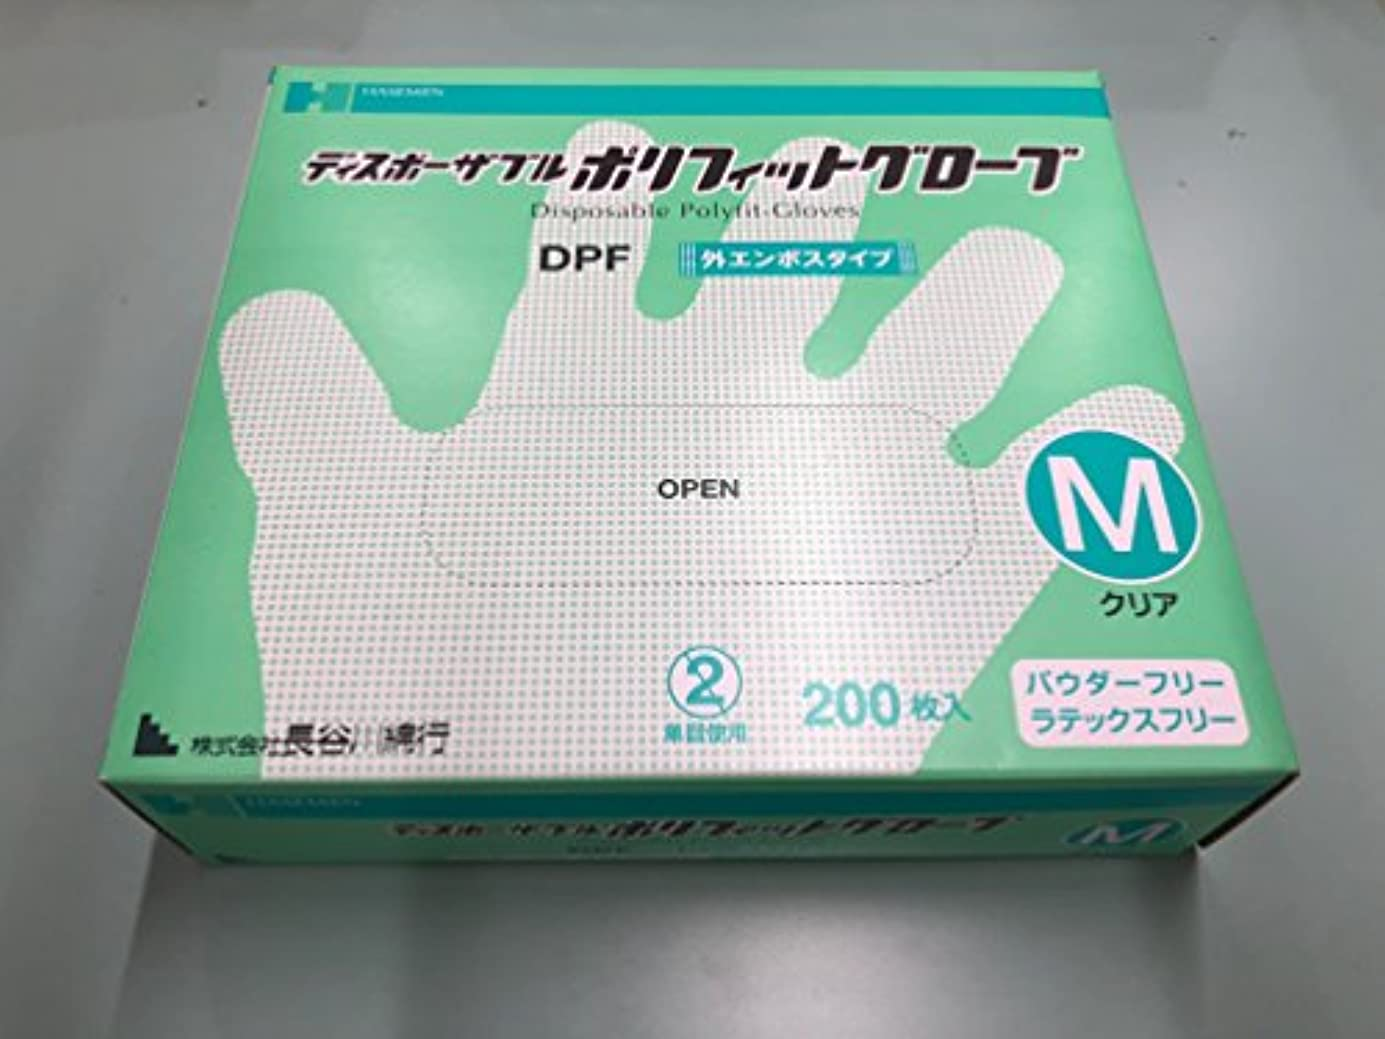 ラボパーク藤色ディスポーザブルポリフィットグローブ クリア 200枚入り (M)